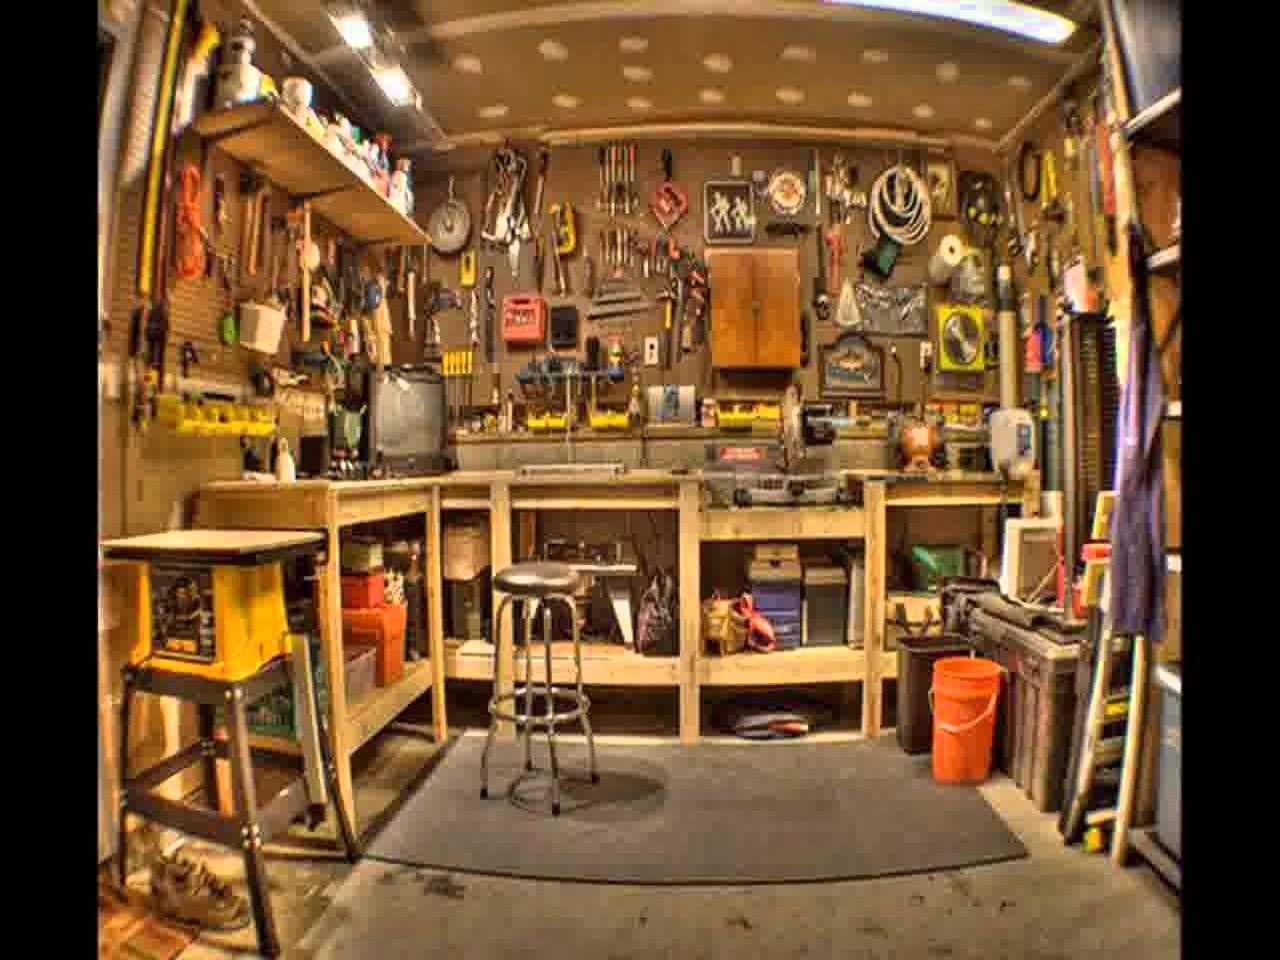 Best Garage Workshop Design Ideas Garage Wall Decorating Ideas 41228502 Custom Garage Accessories How To Chang Home Workshop Garage Workshop Man Cave Garage